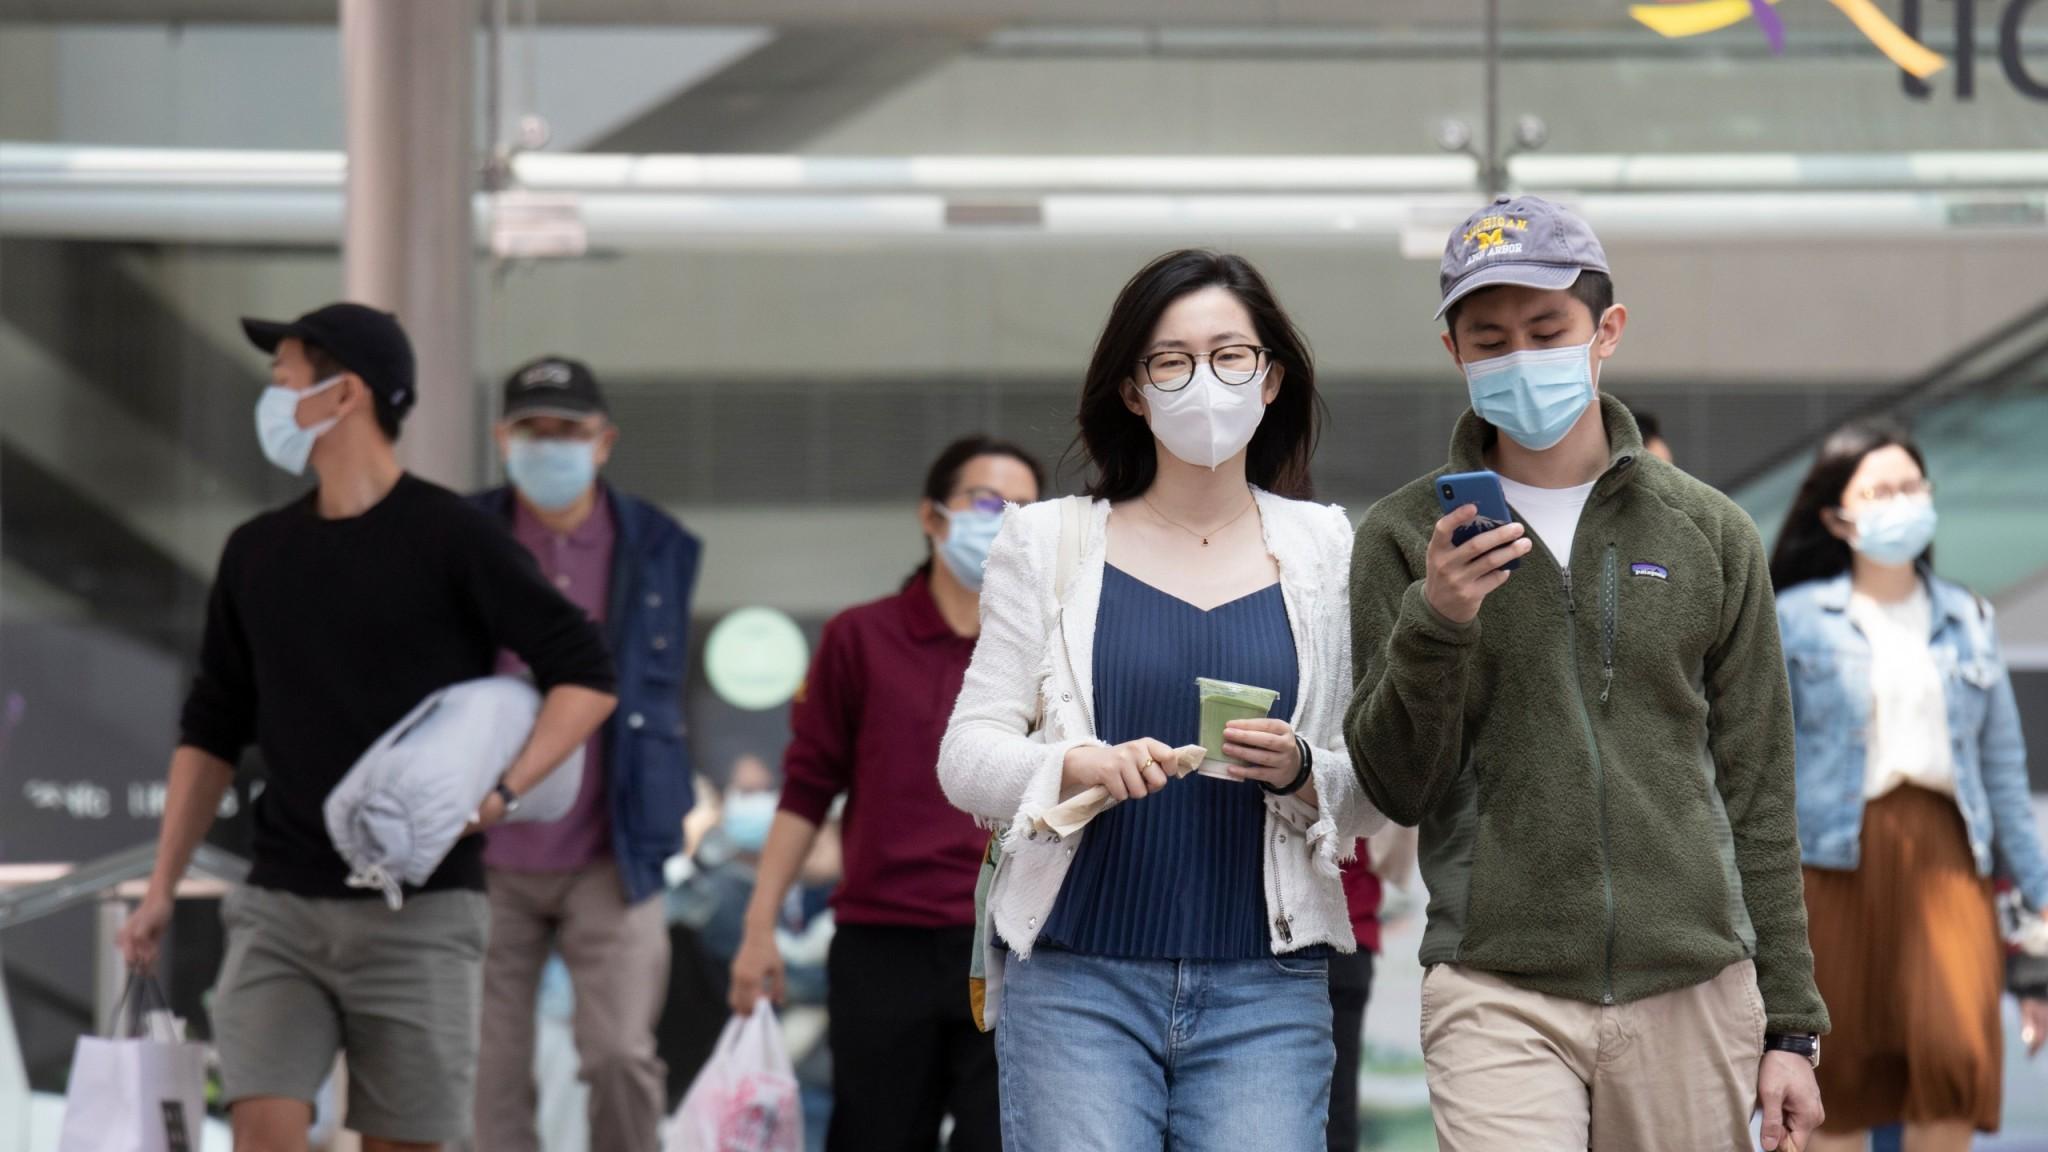 Hong Kong citizens on the street